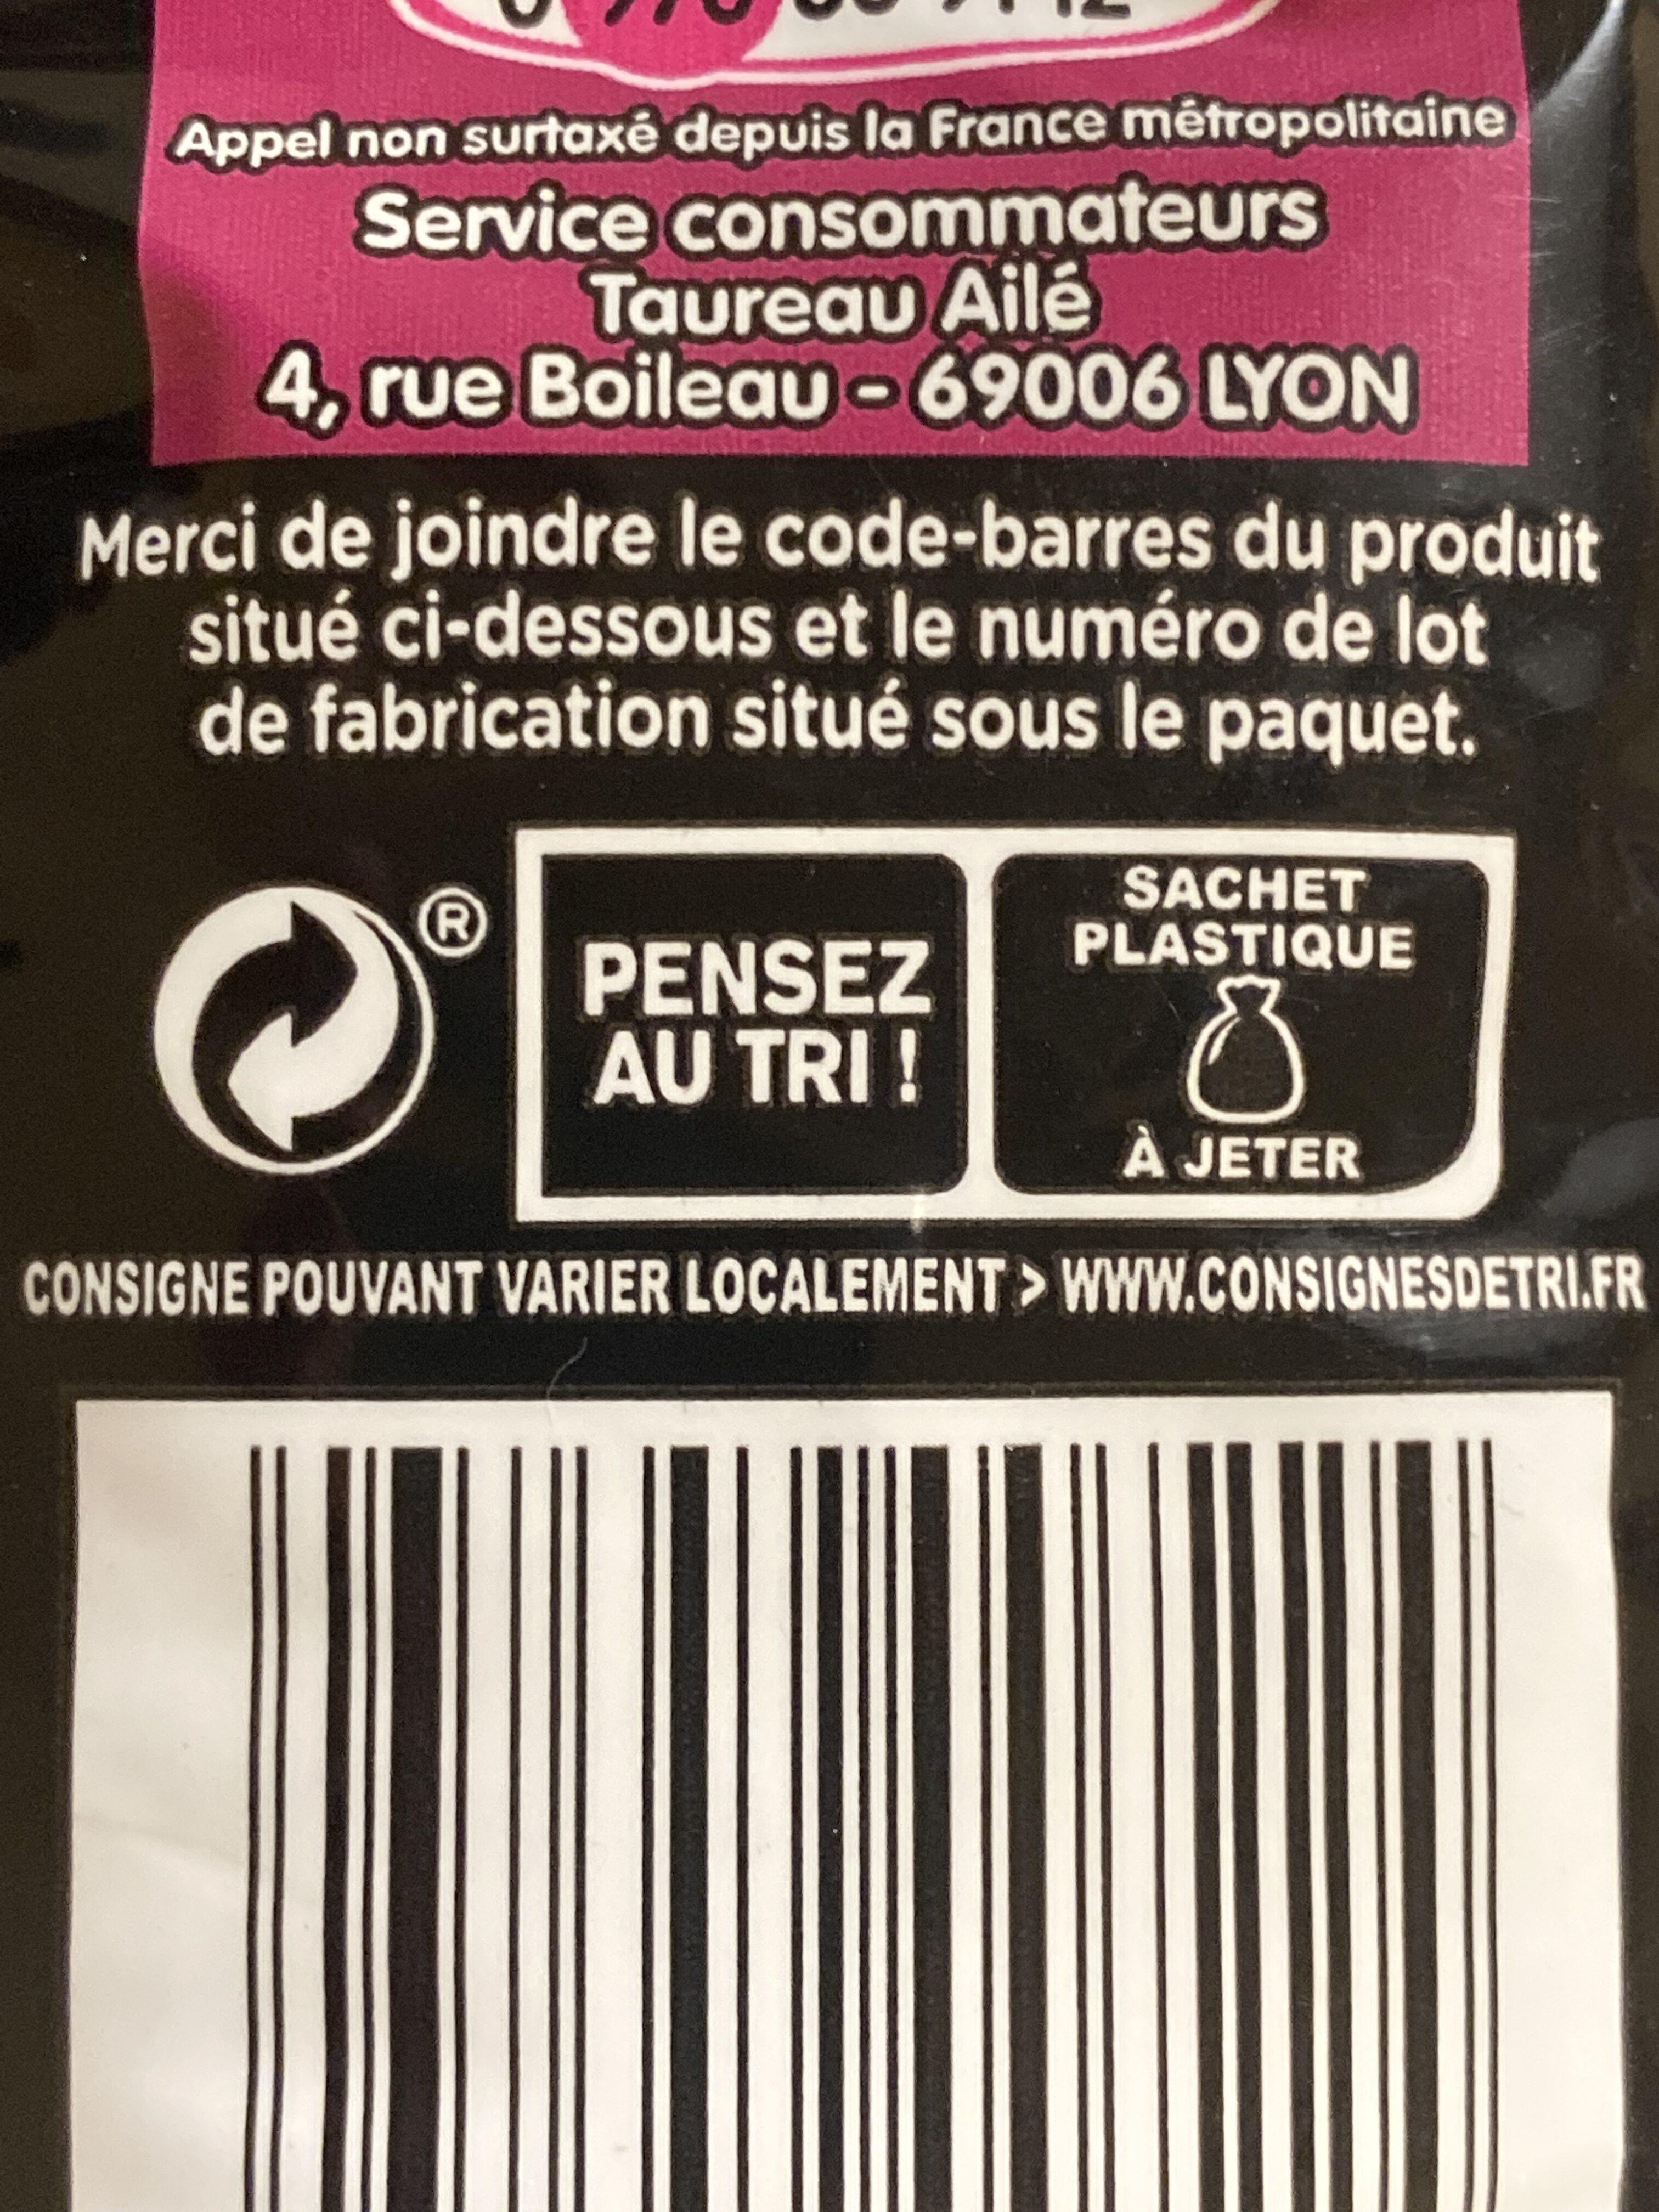 Le Basmati du Penjab - Pure Origine - L'Original - Instruction de recyclage et/ou information d'emballage - en